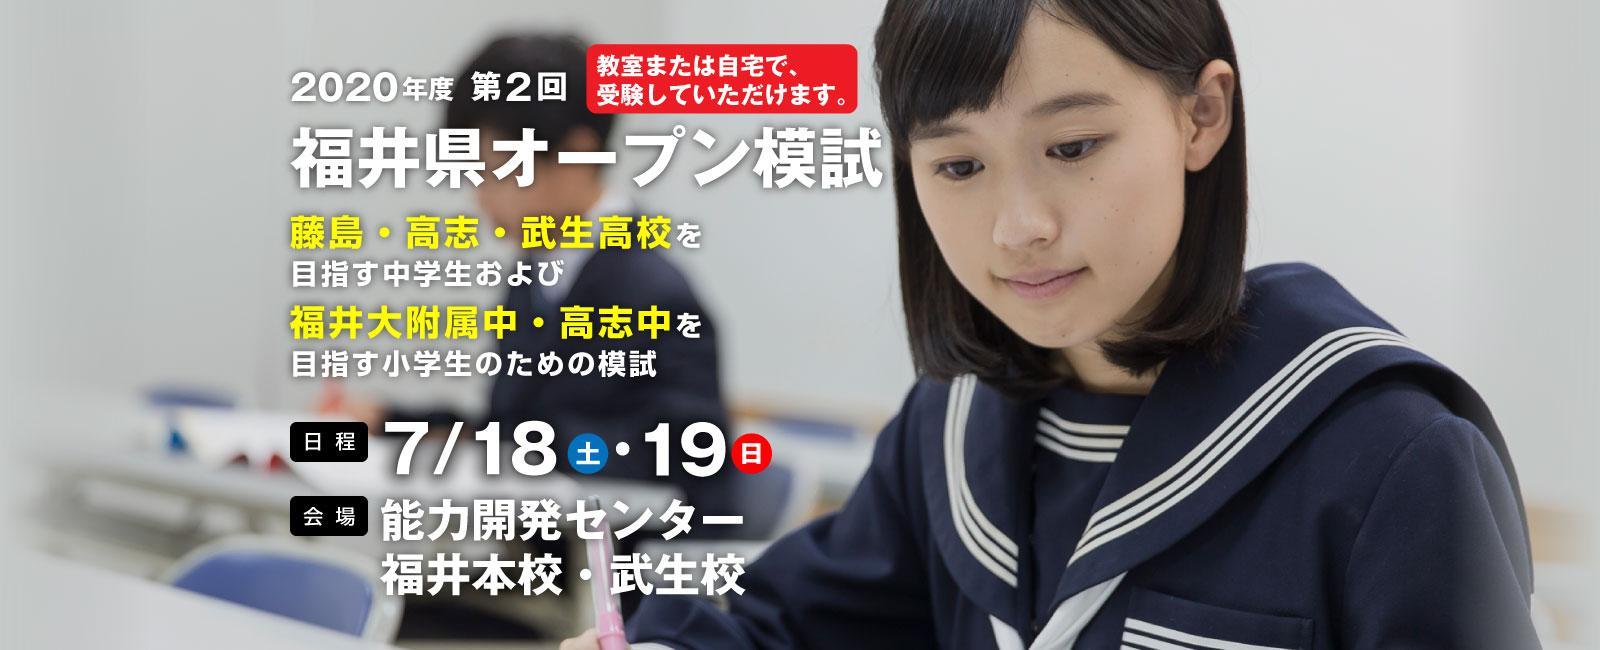 2020年度第2回福井県オープン模試藤島・高志・武生高校を目指す中学生および福井大附属中・高志中を目指す小学生のための模試